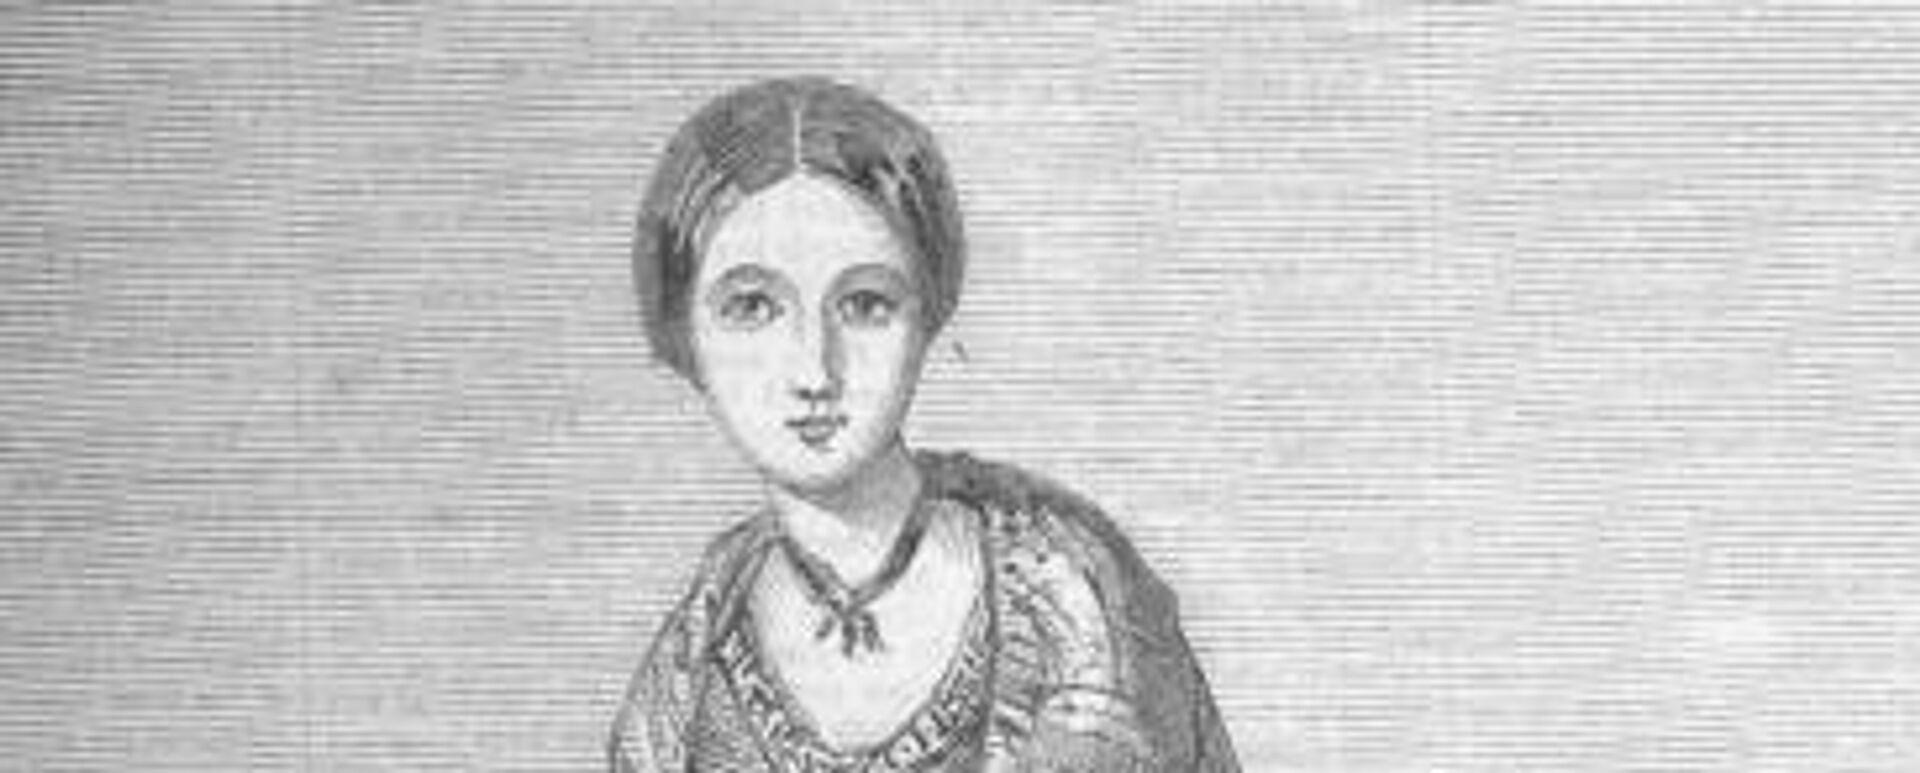 Florence Nightingale im Jahre 1850 (Zeichnung von ihrer Schwester Parthenope) - SNA, 1920, 12.05.2021